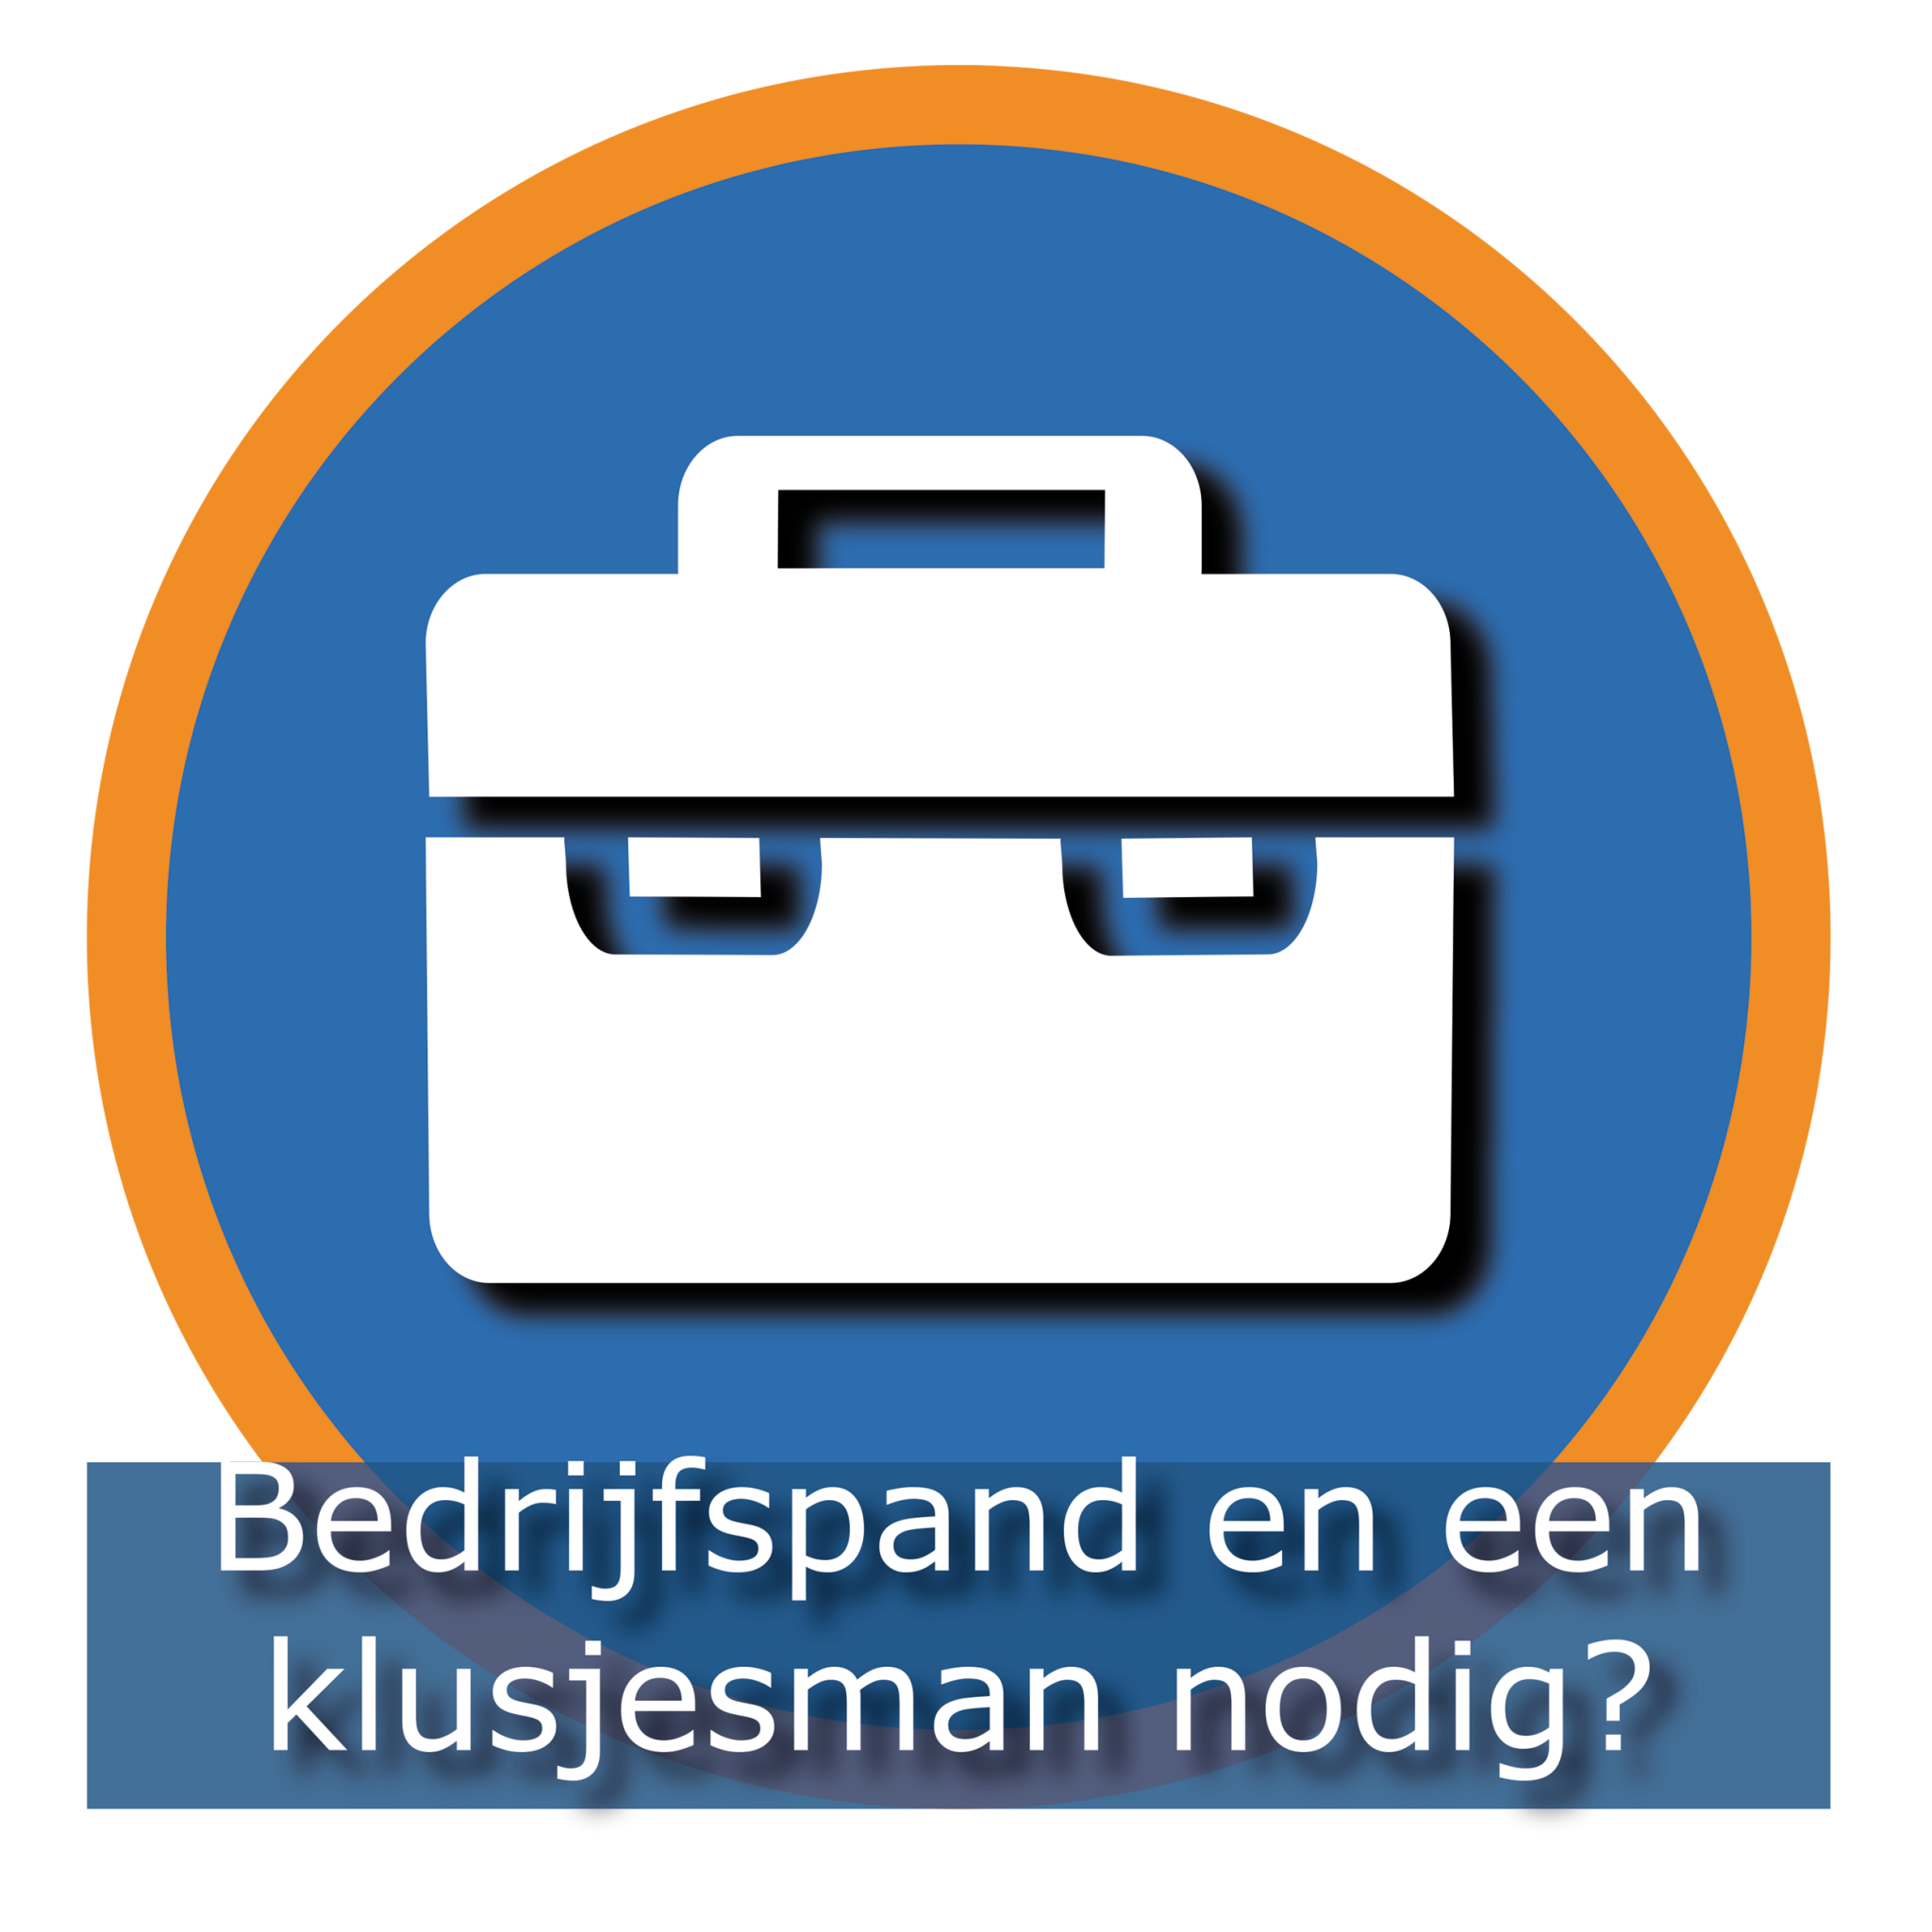 Klusjesman zakelijk Utrecht is er voor al uw klussen in en om uw bedrijfspand. Bekijk hier het overzicht van diensten en klussen die Klusservice Utrecht uitvoert.